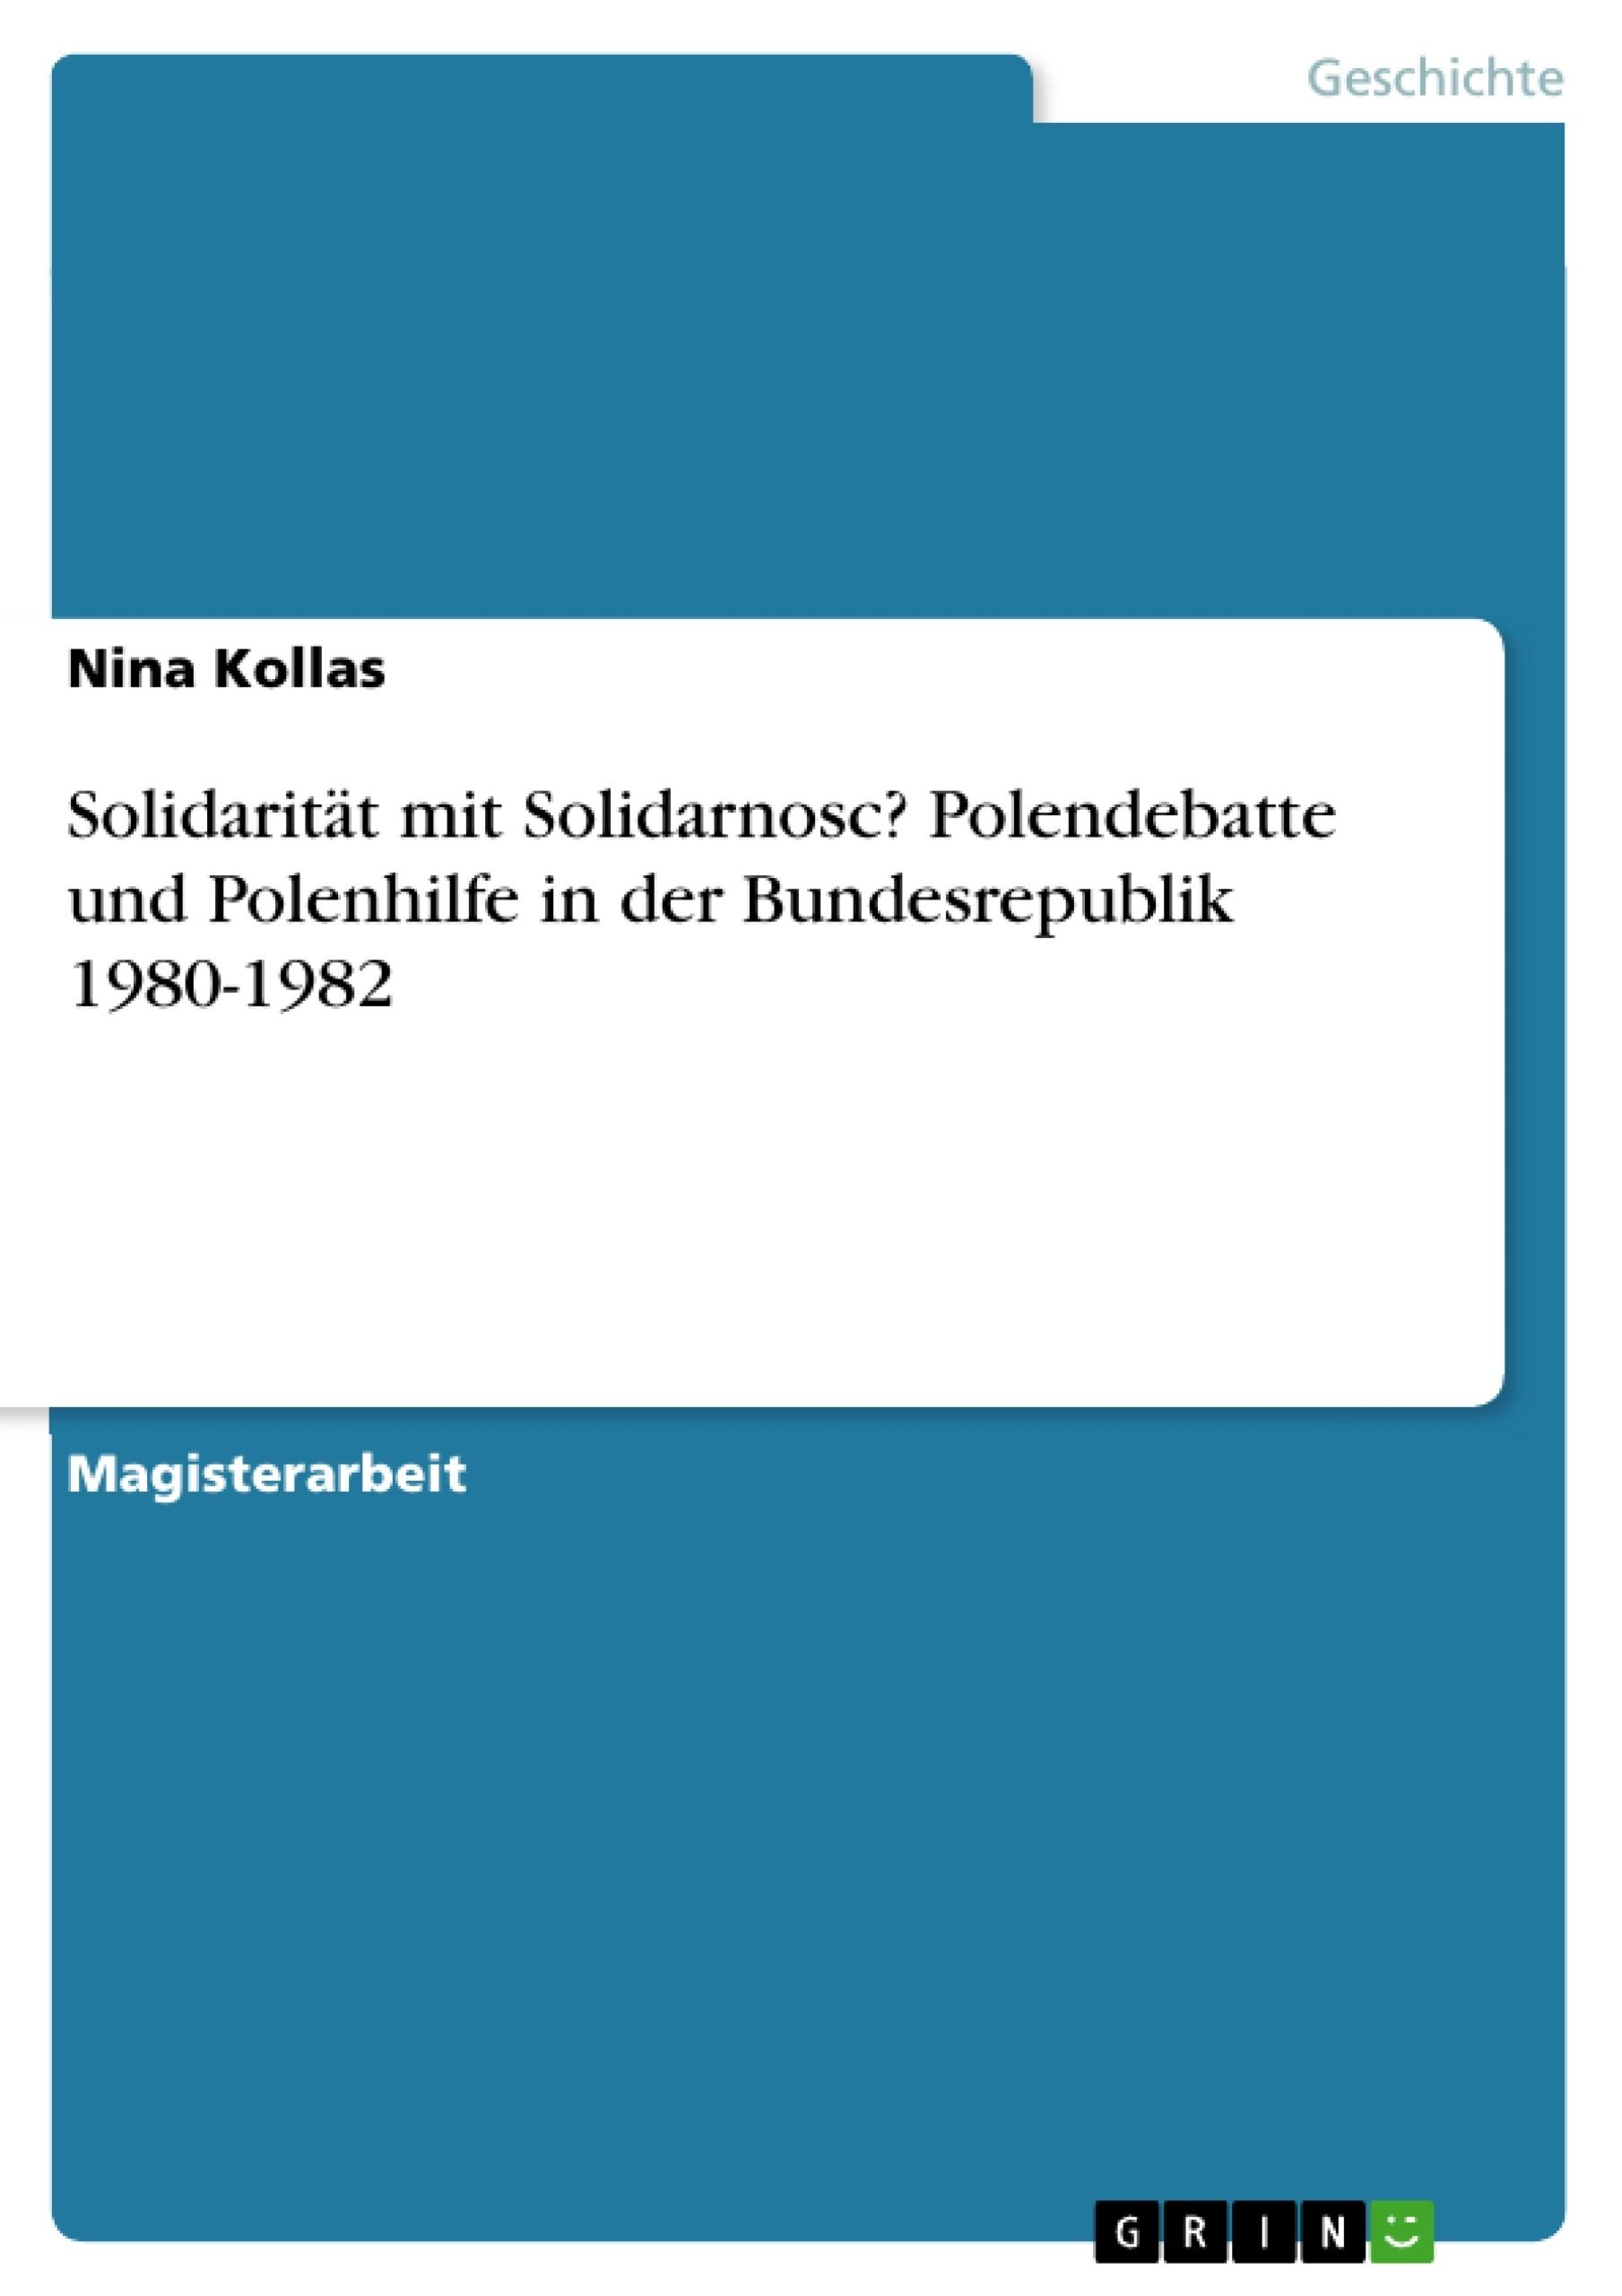 Titel: Solidarität mit Solidarnosc? Polendebatte und Polenhilfe in der Bundesrepublik 1980-1982